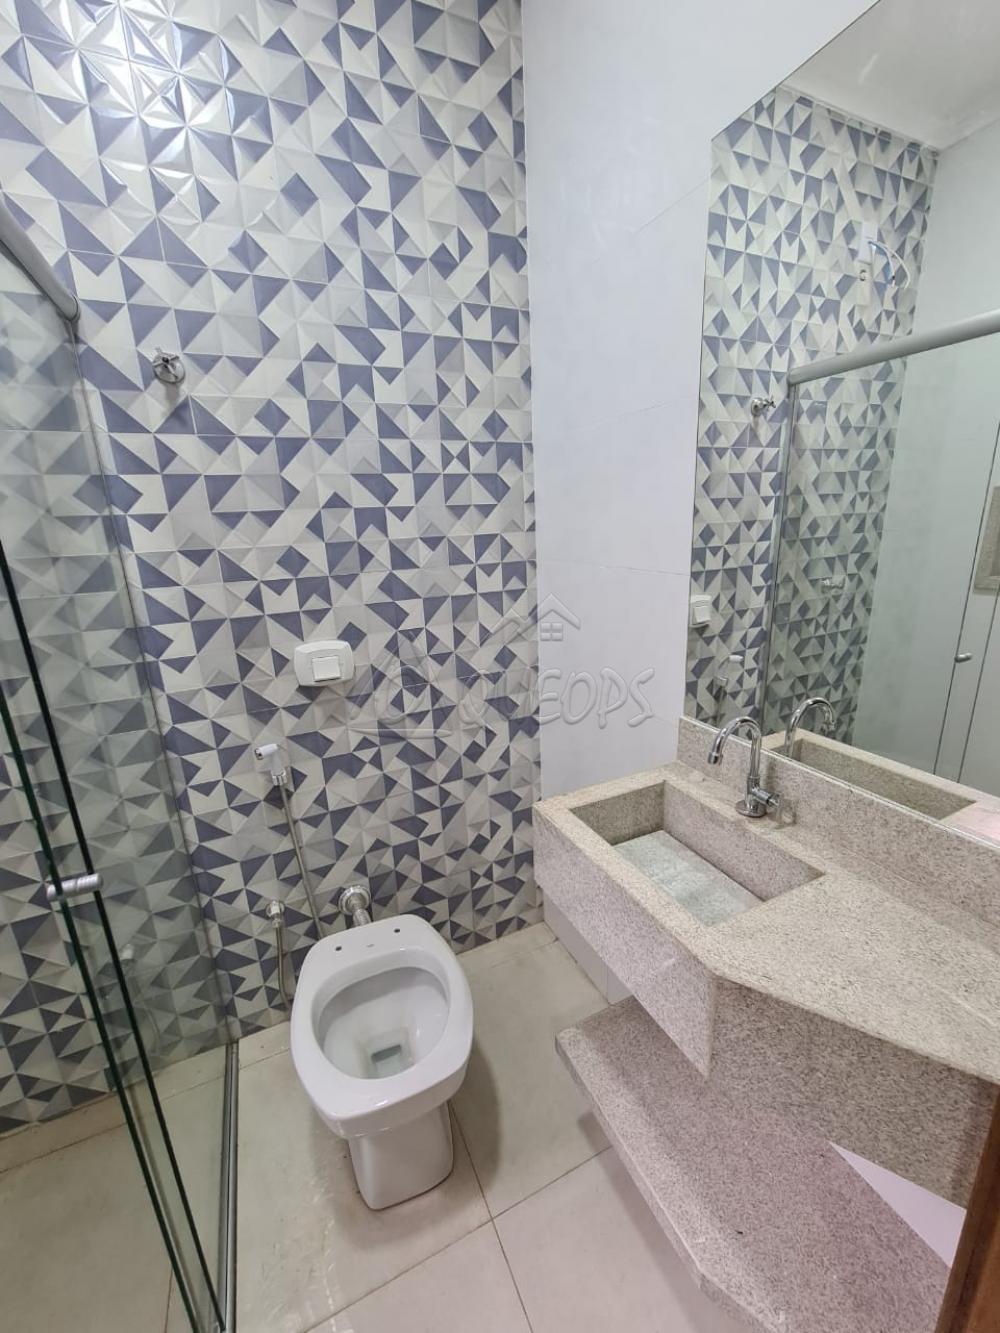 Comprar Apartamento / Padrão em Barretos apenas R$ 220.000,00 - Foto 10